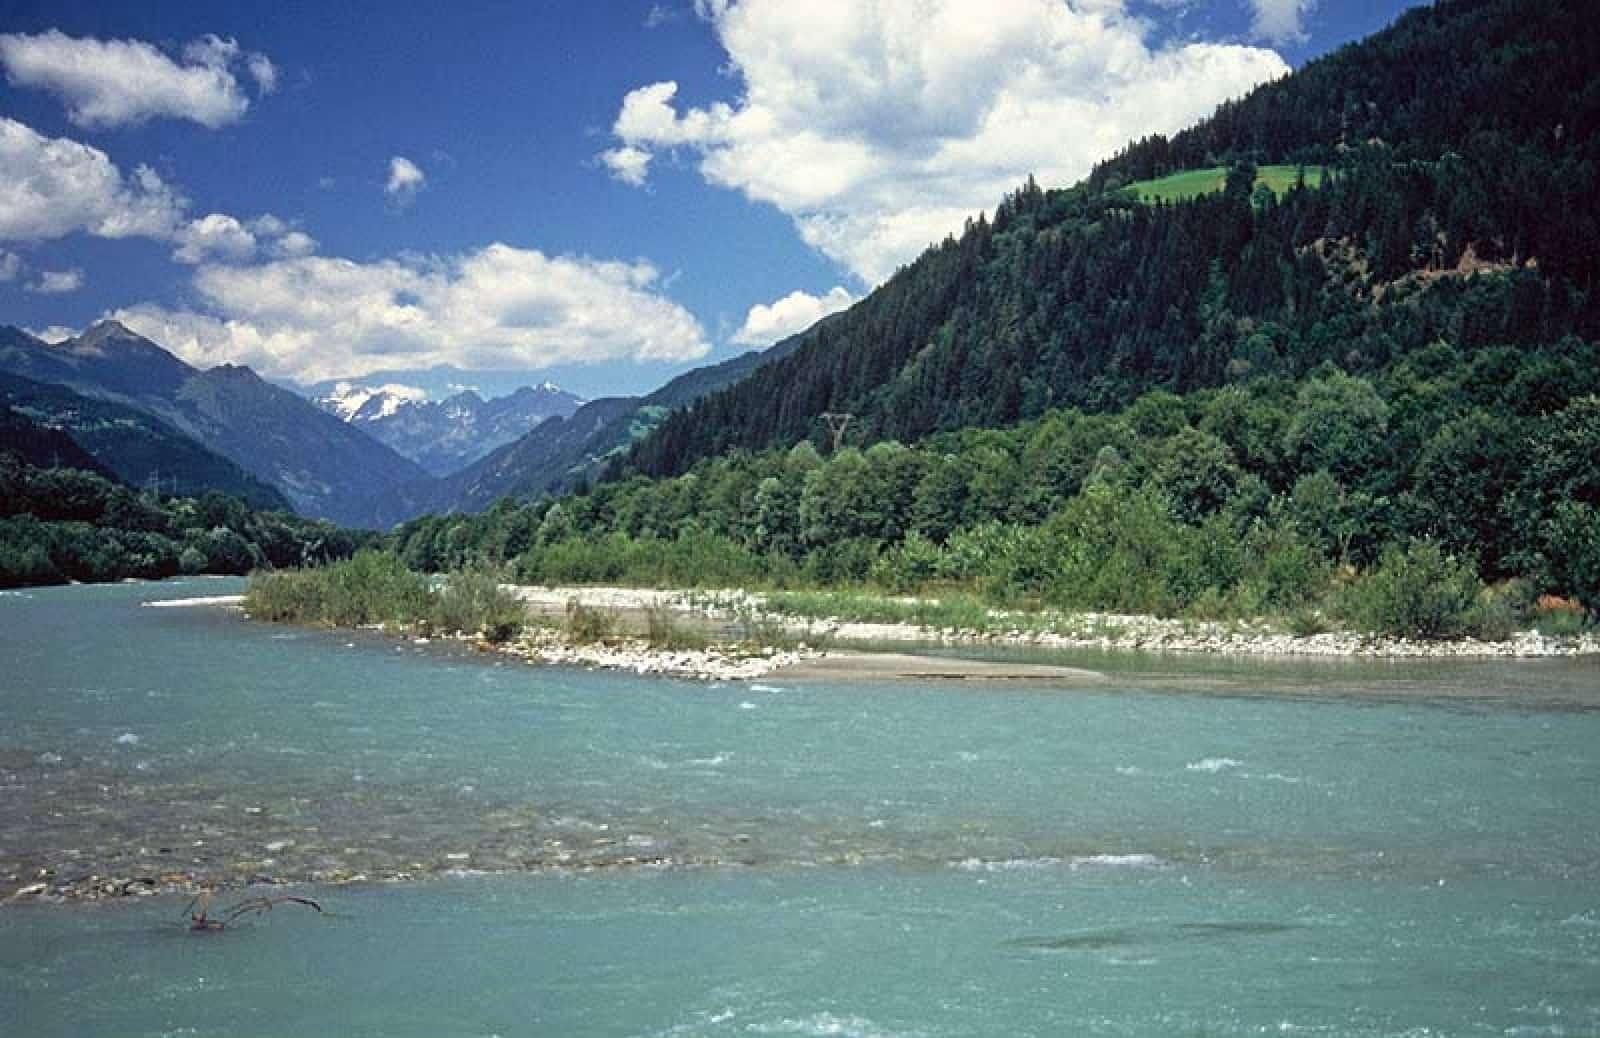 fluss-isel-vor-einem-berg-bei-blauem-himmel-wwf-eu-wasserrahmenrichtlinie